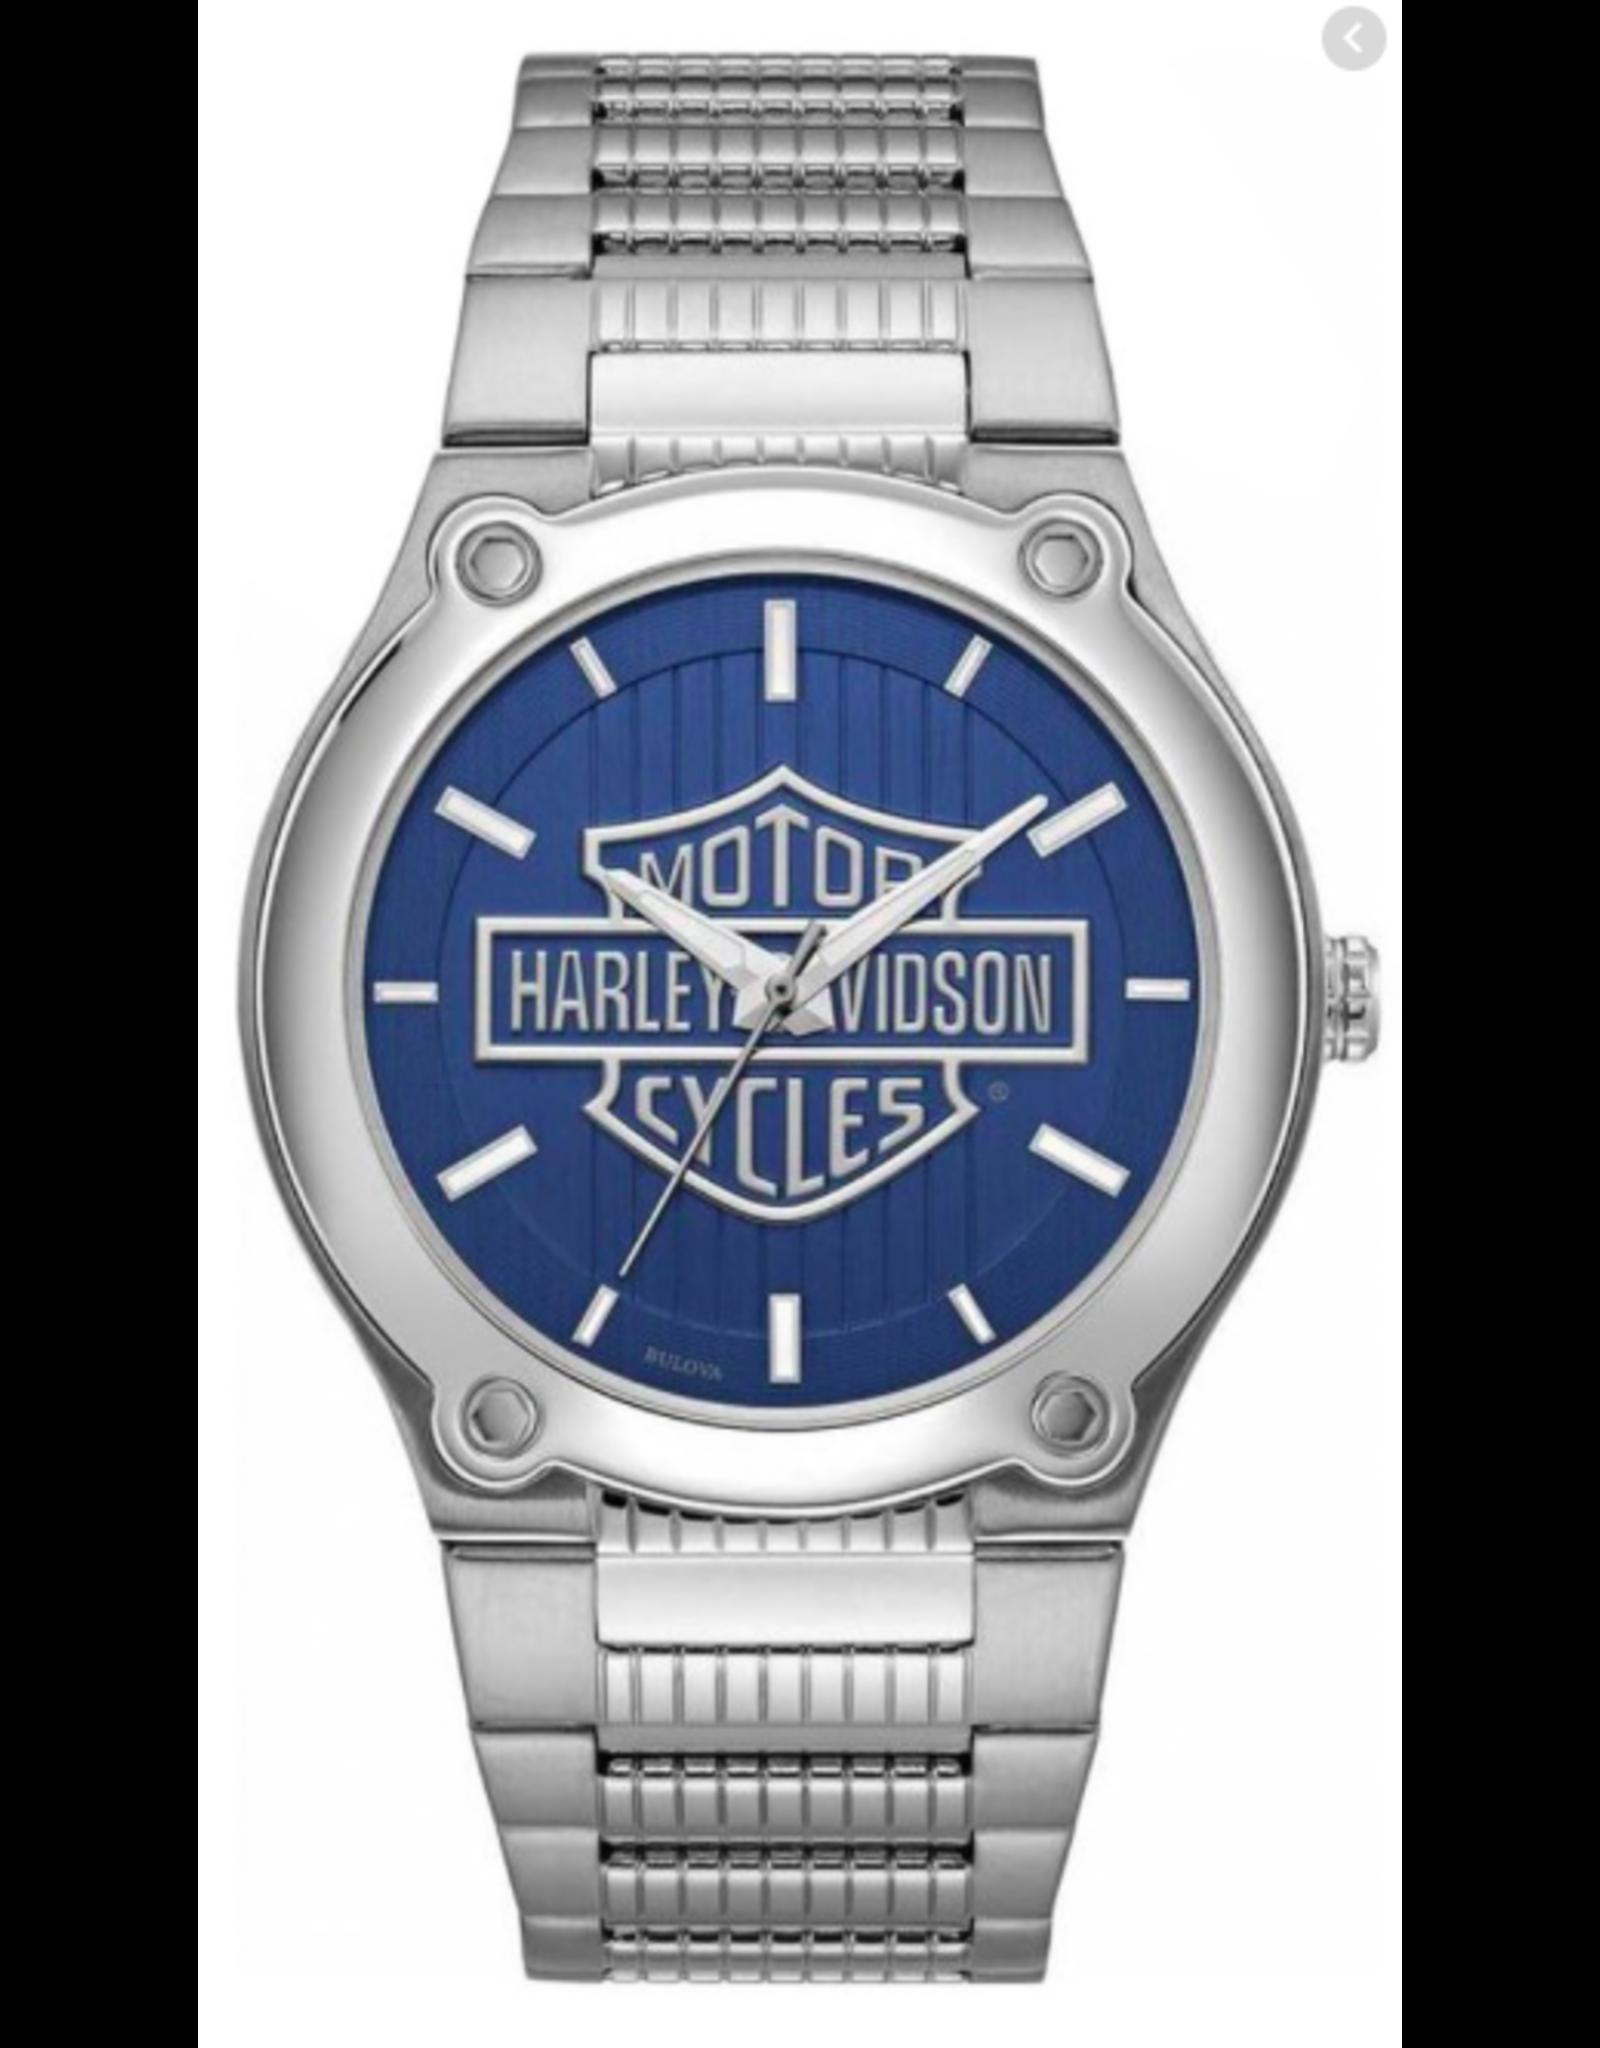 Harley Davidson 76A159